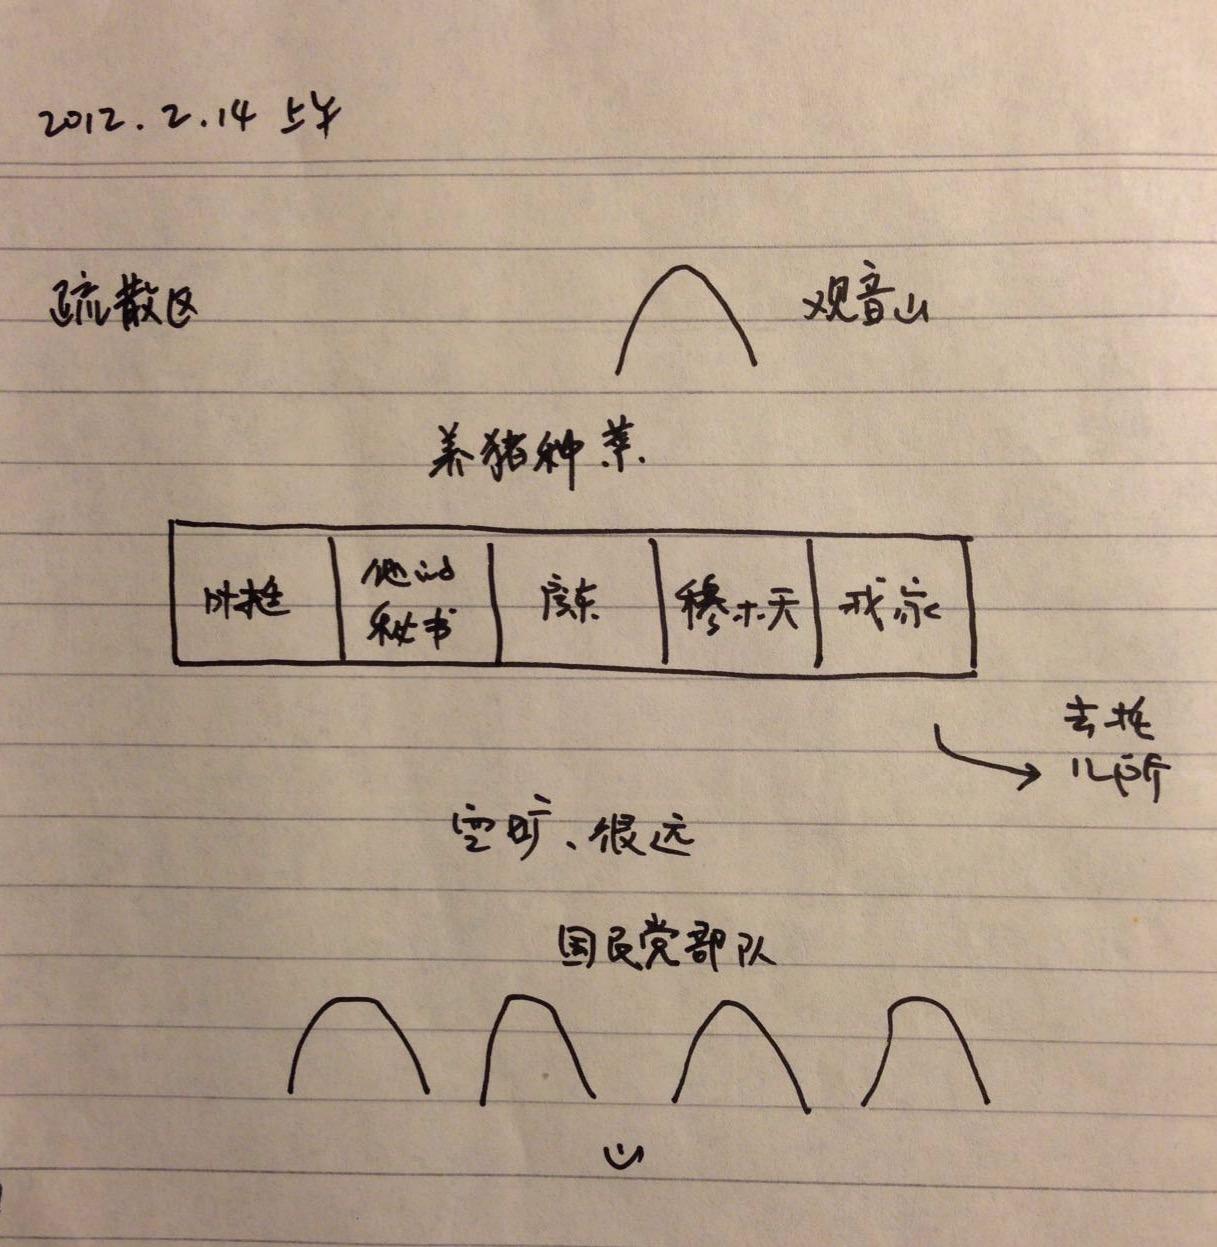 手繪的位置圖,一排麻吉房,周圍是山。